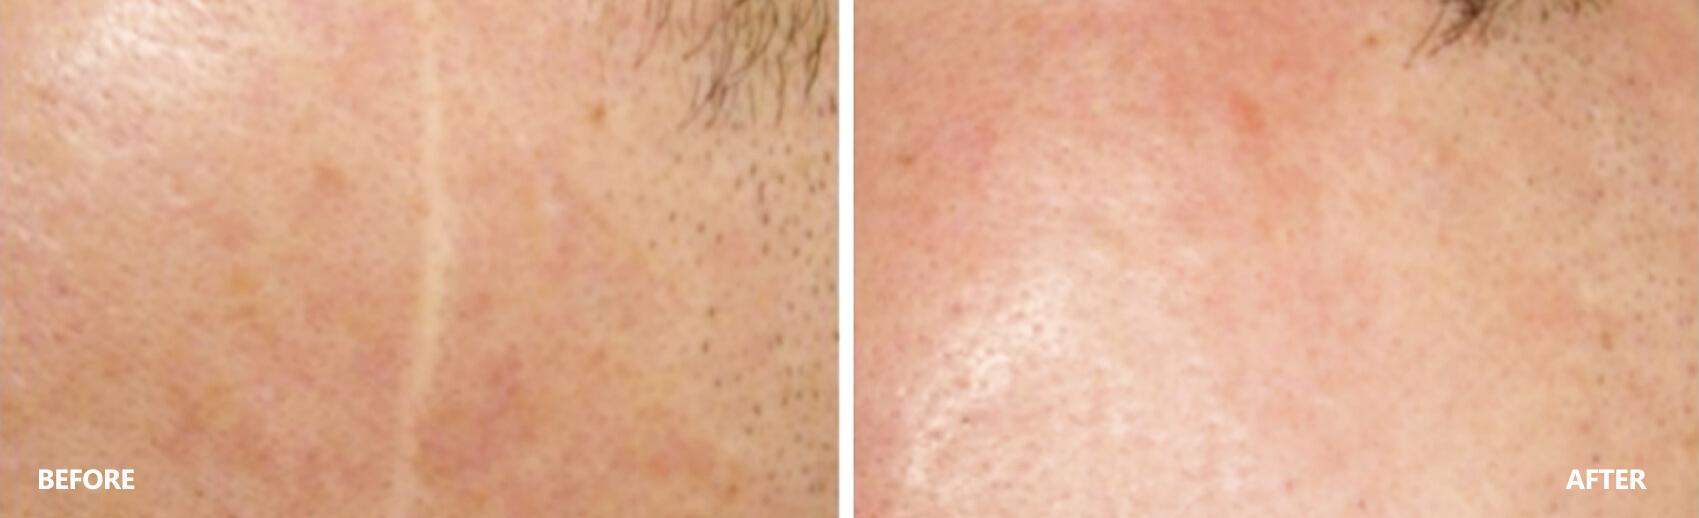 scar-result-8